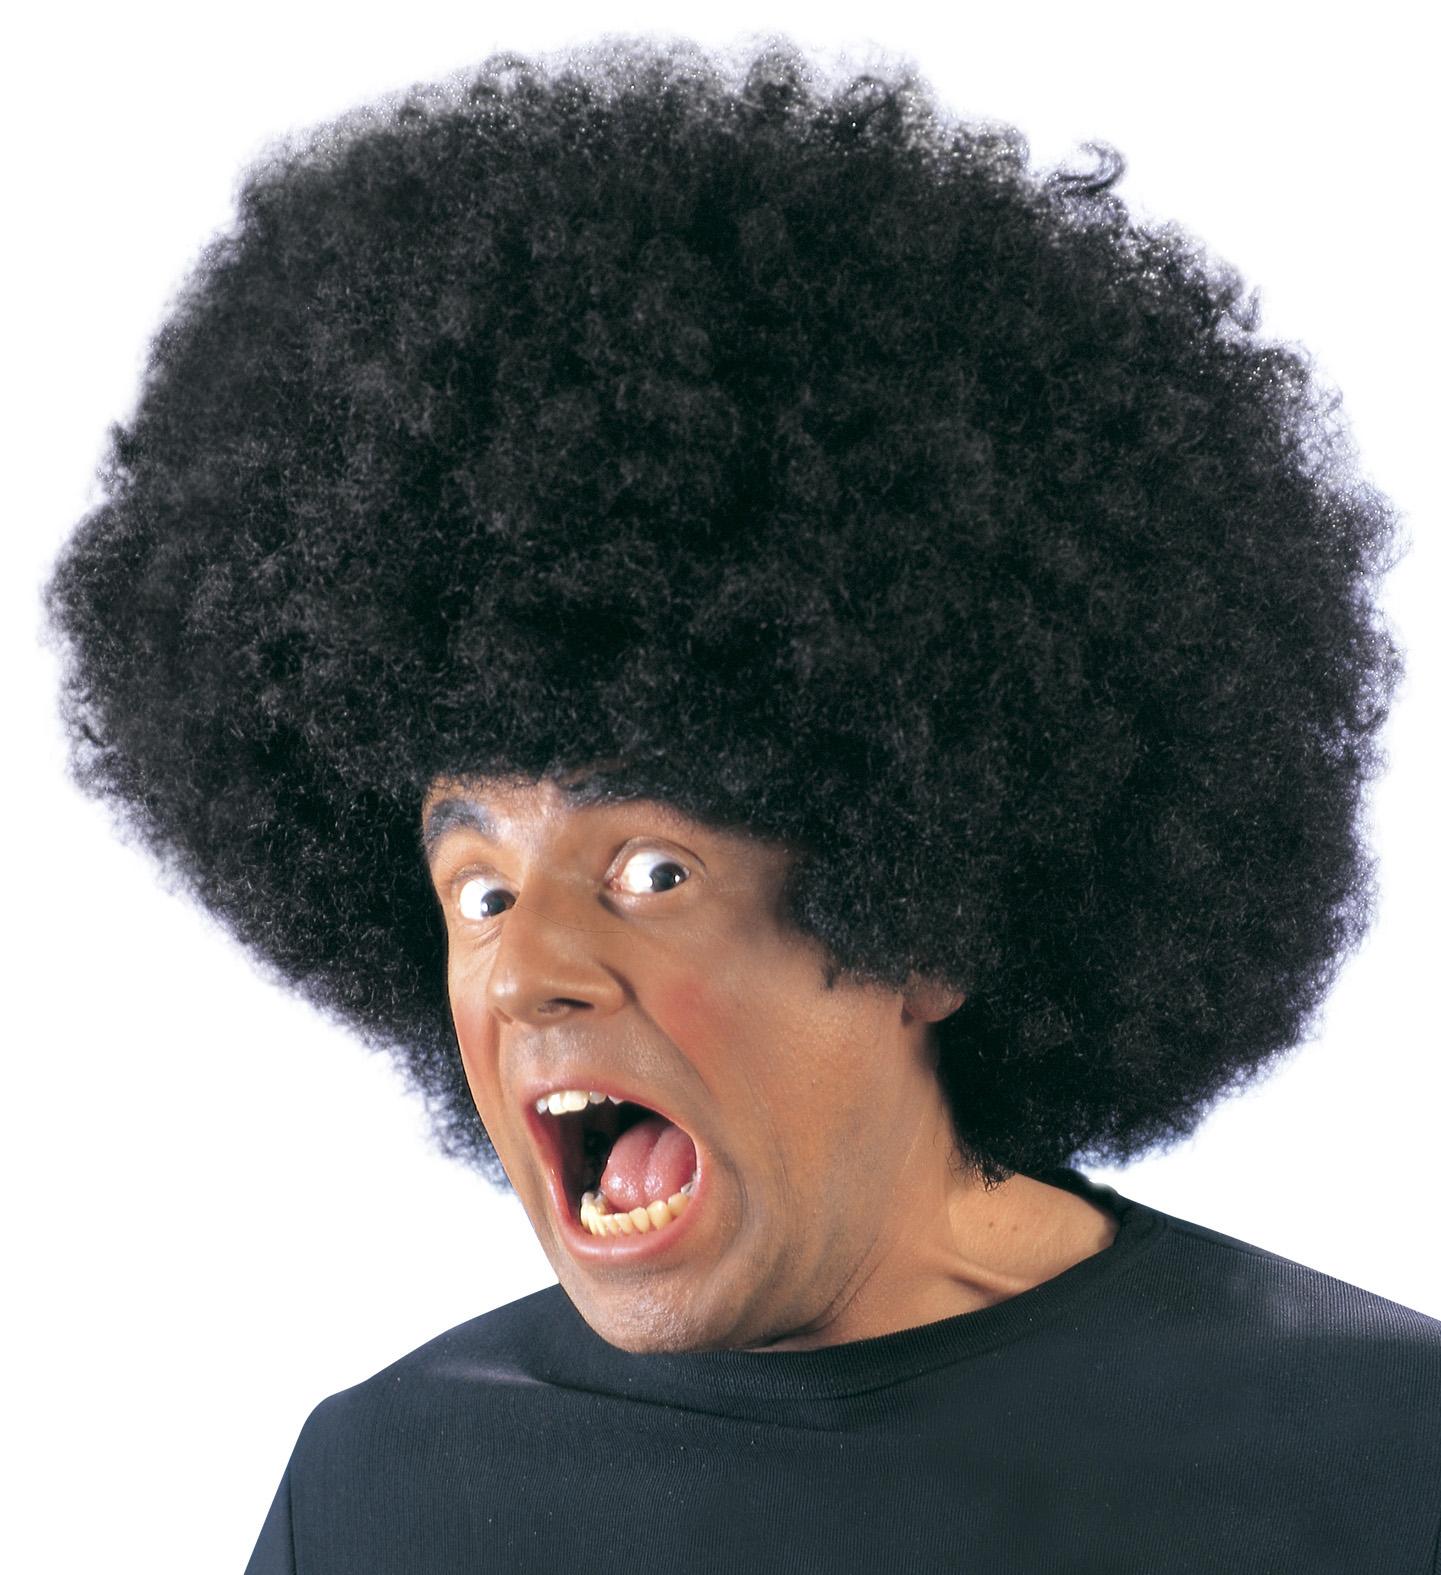 Jimmy Wig Oversized Black 70s Fancy Dress